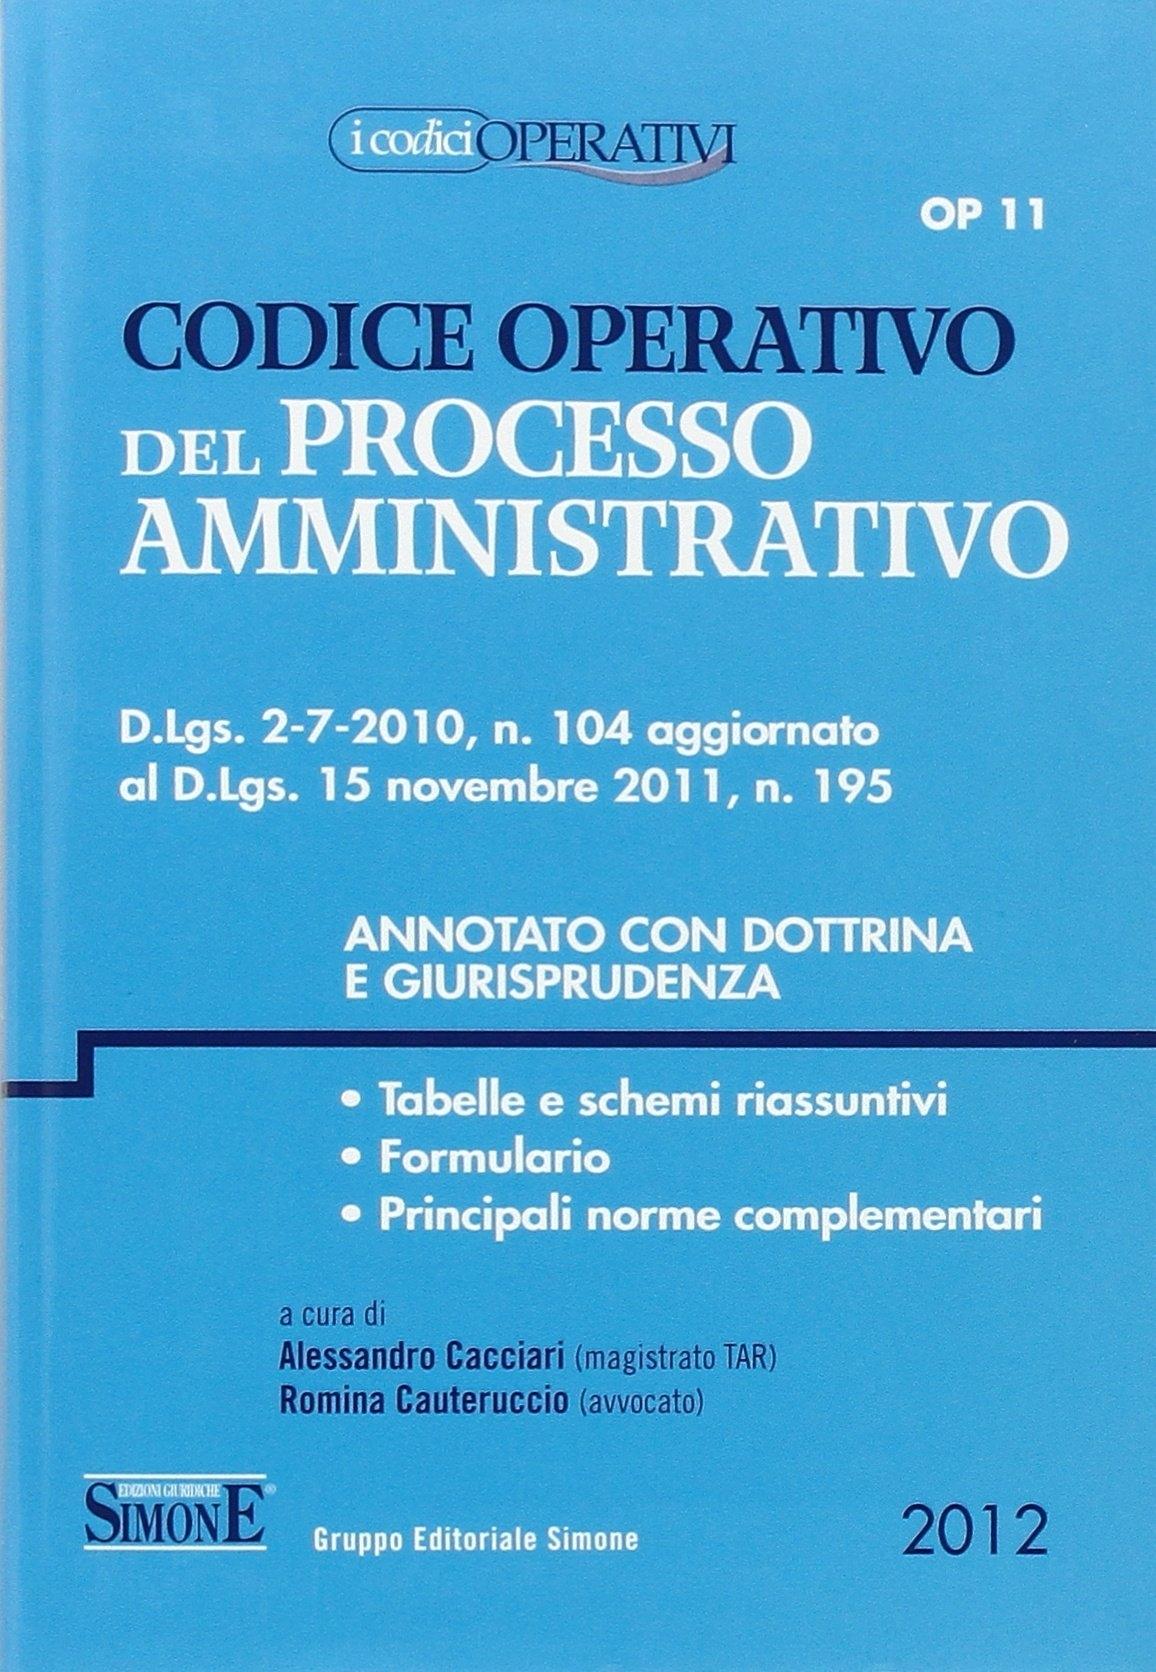 Codice operativo del processo amministrativo. Annotato con dottrina e giurisprudenza